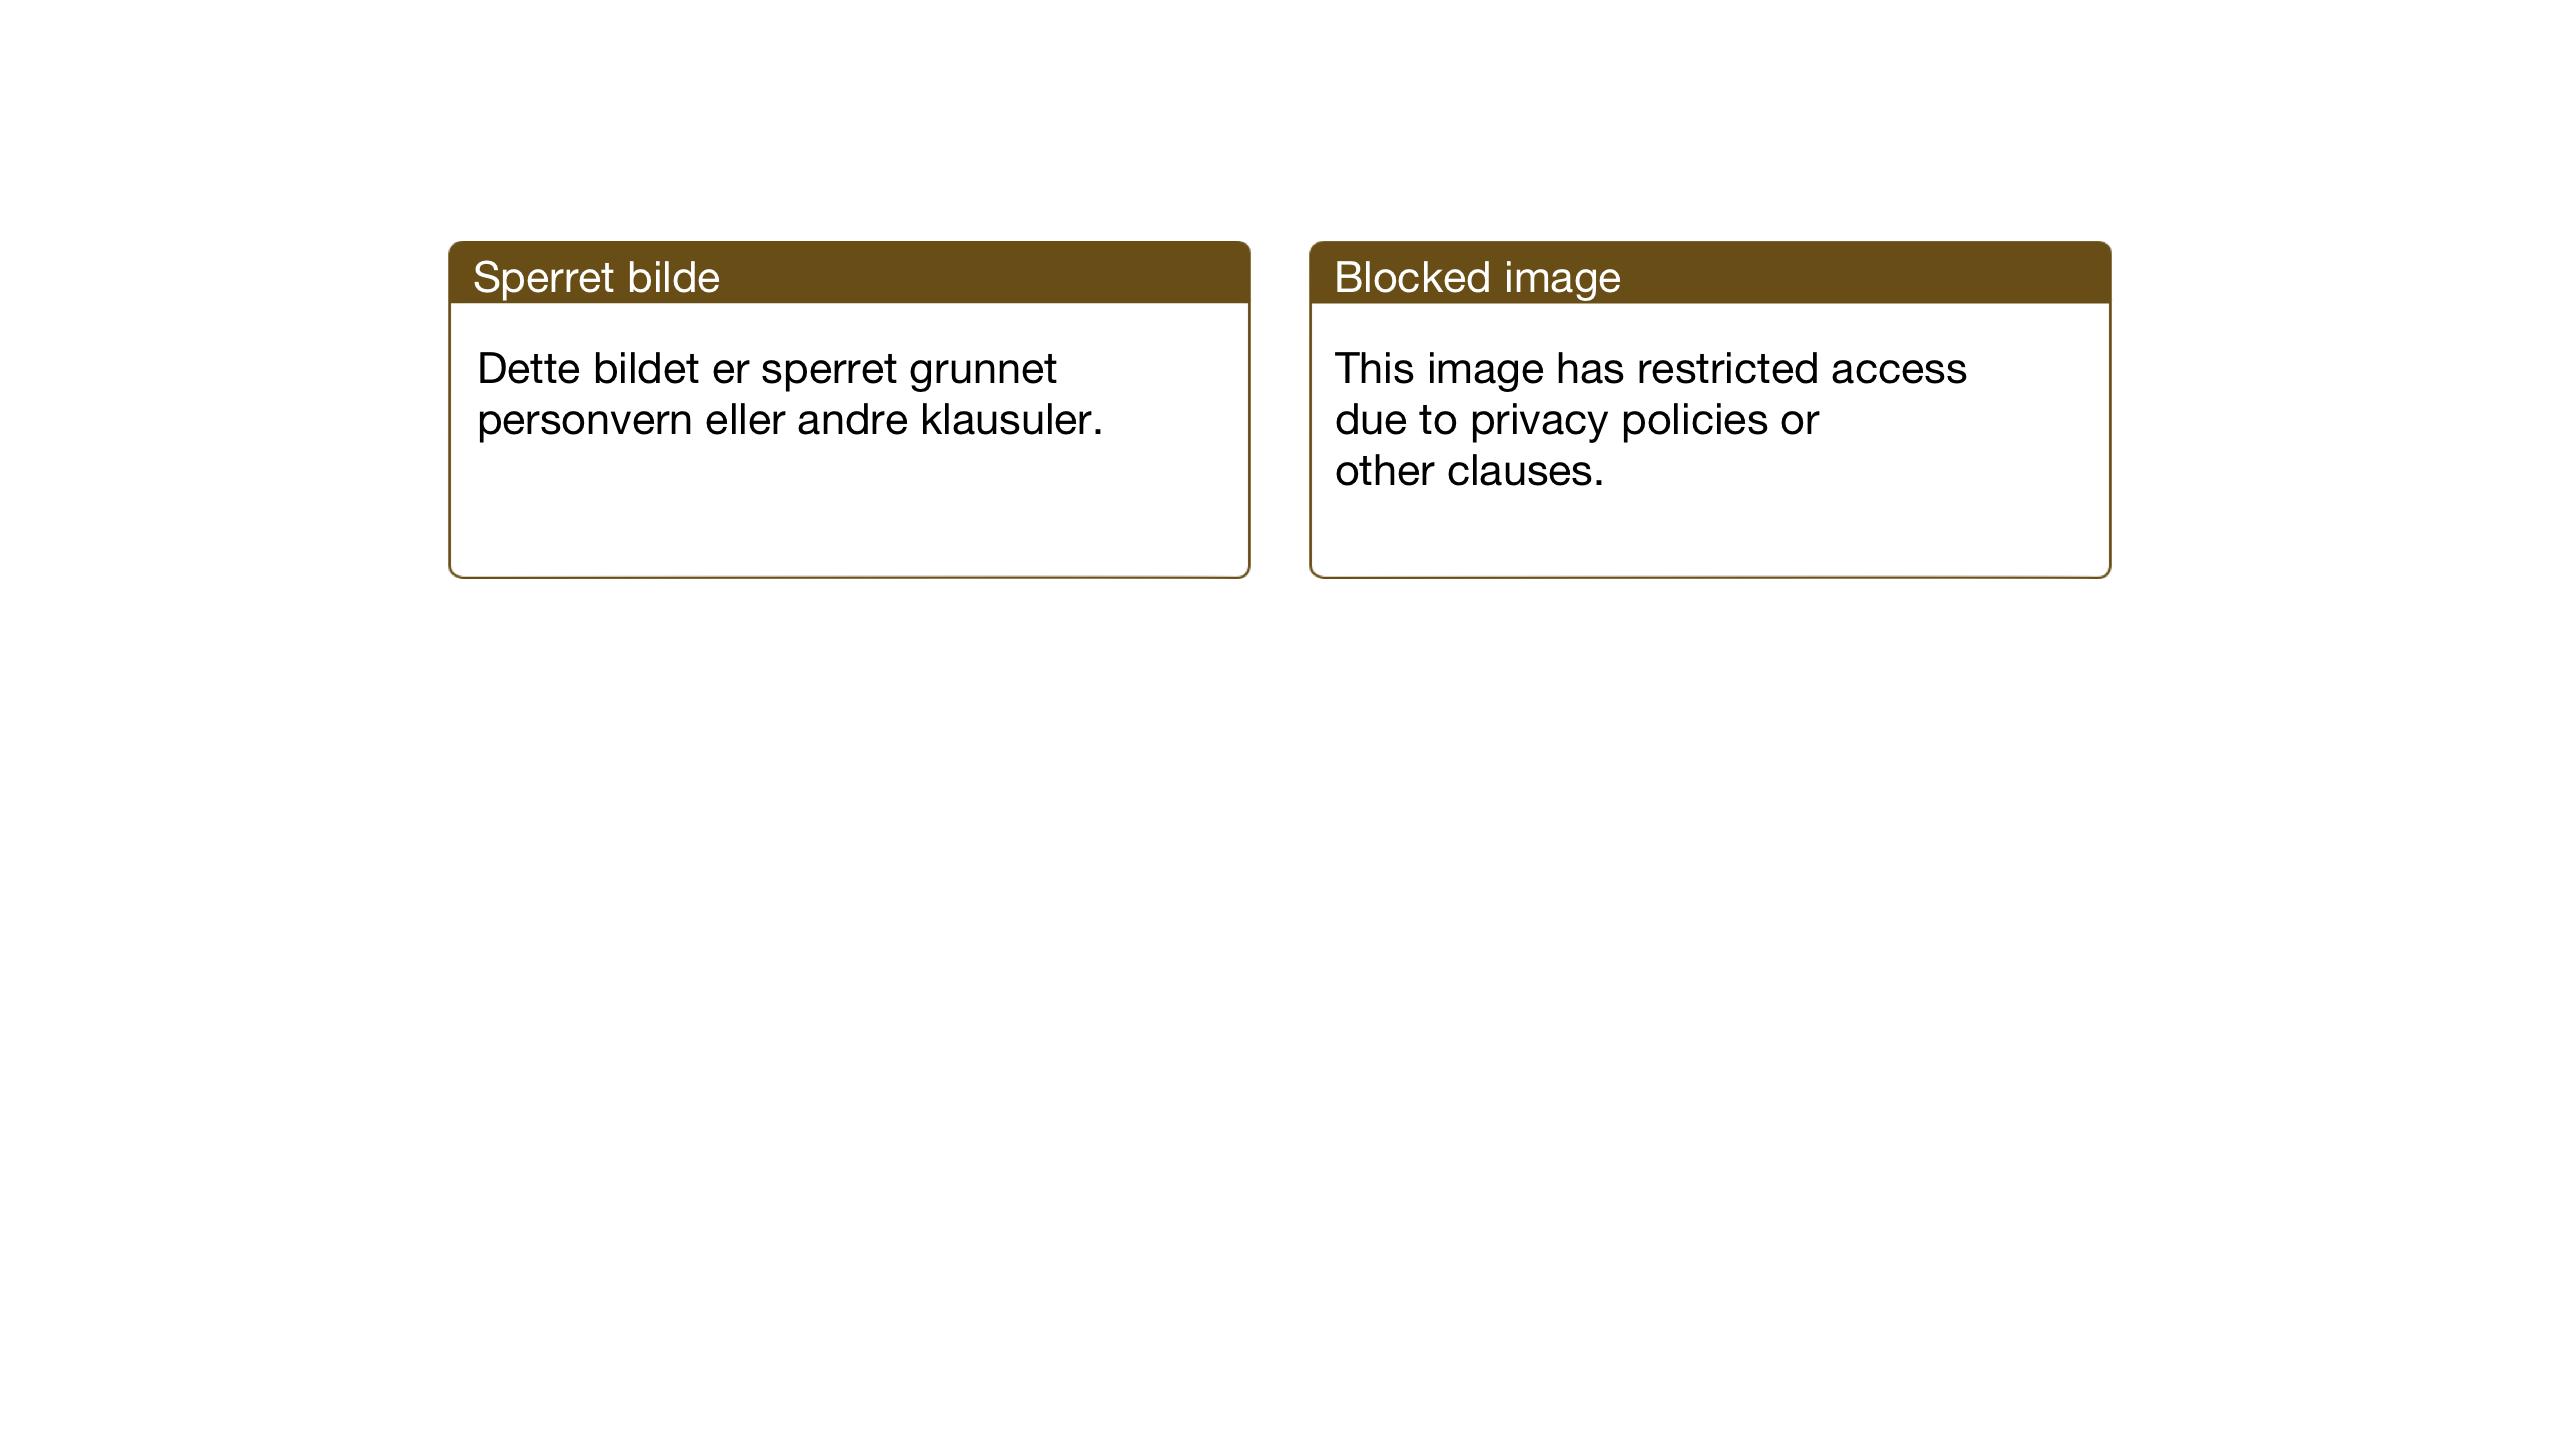 SAT, Ministerialprotokoller, klokkerbøker og fødselsregistre - Sør-Trøndelag, 682/L0947: Klokkerbok nr. 682C01, 1926-1968, s. 17